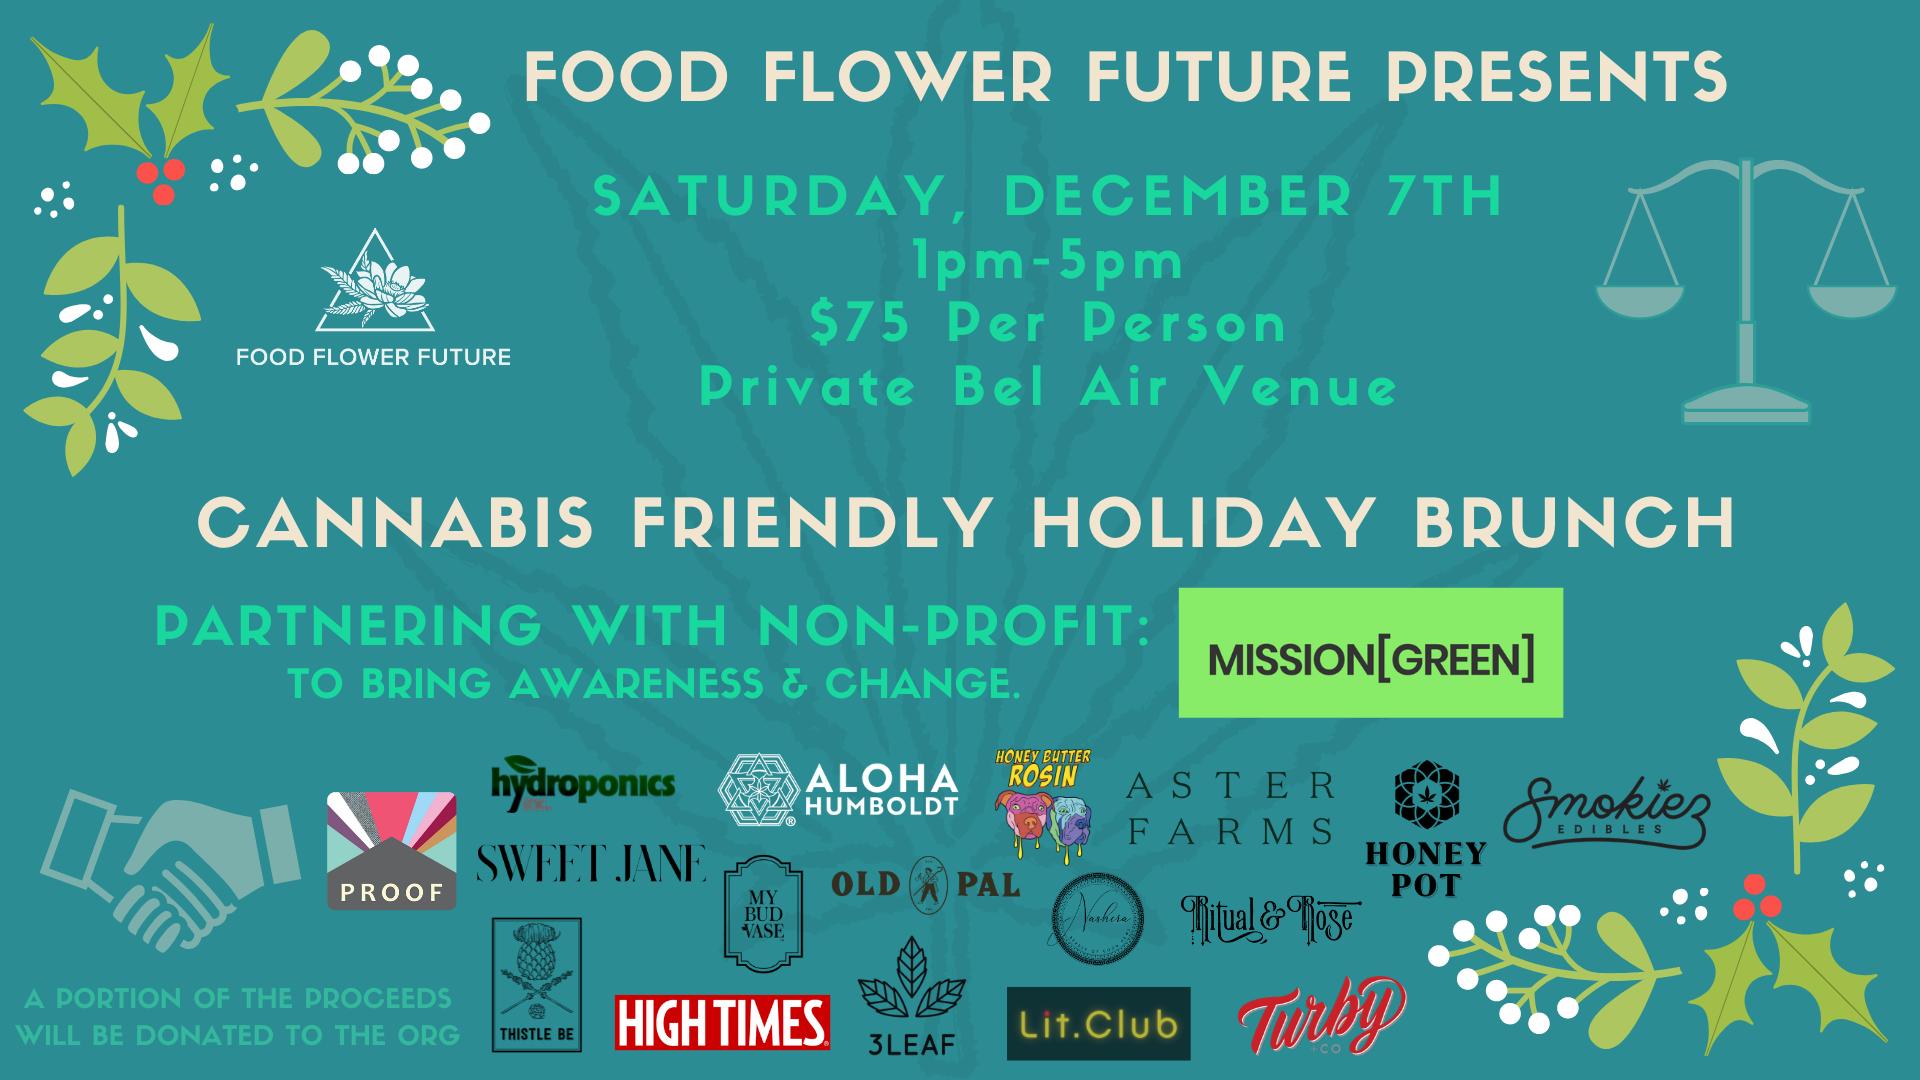 Cannabis Friendly Holiday Brunch